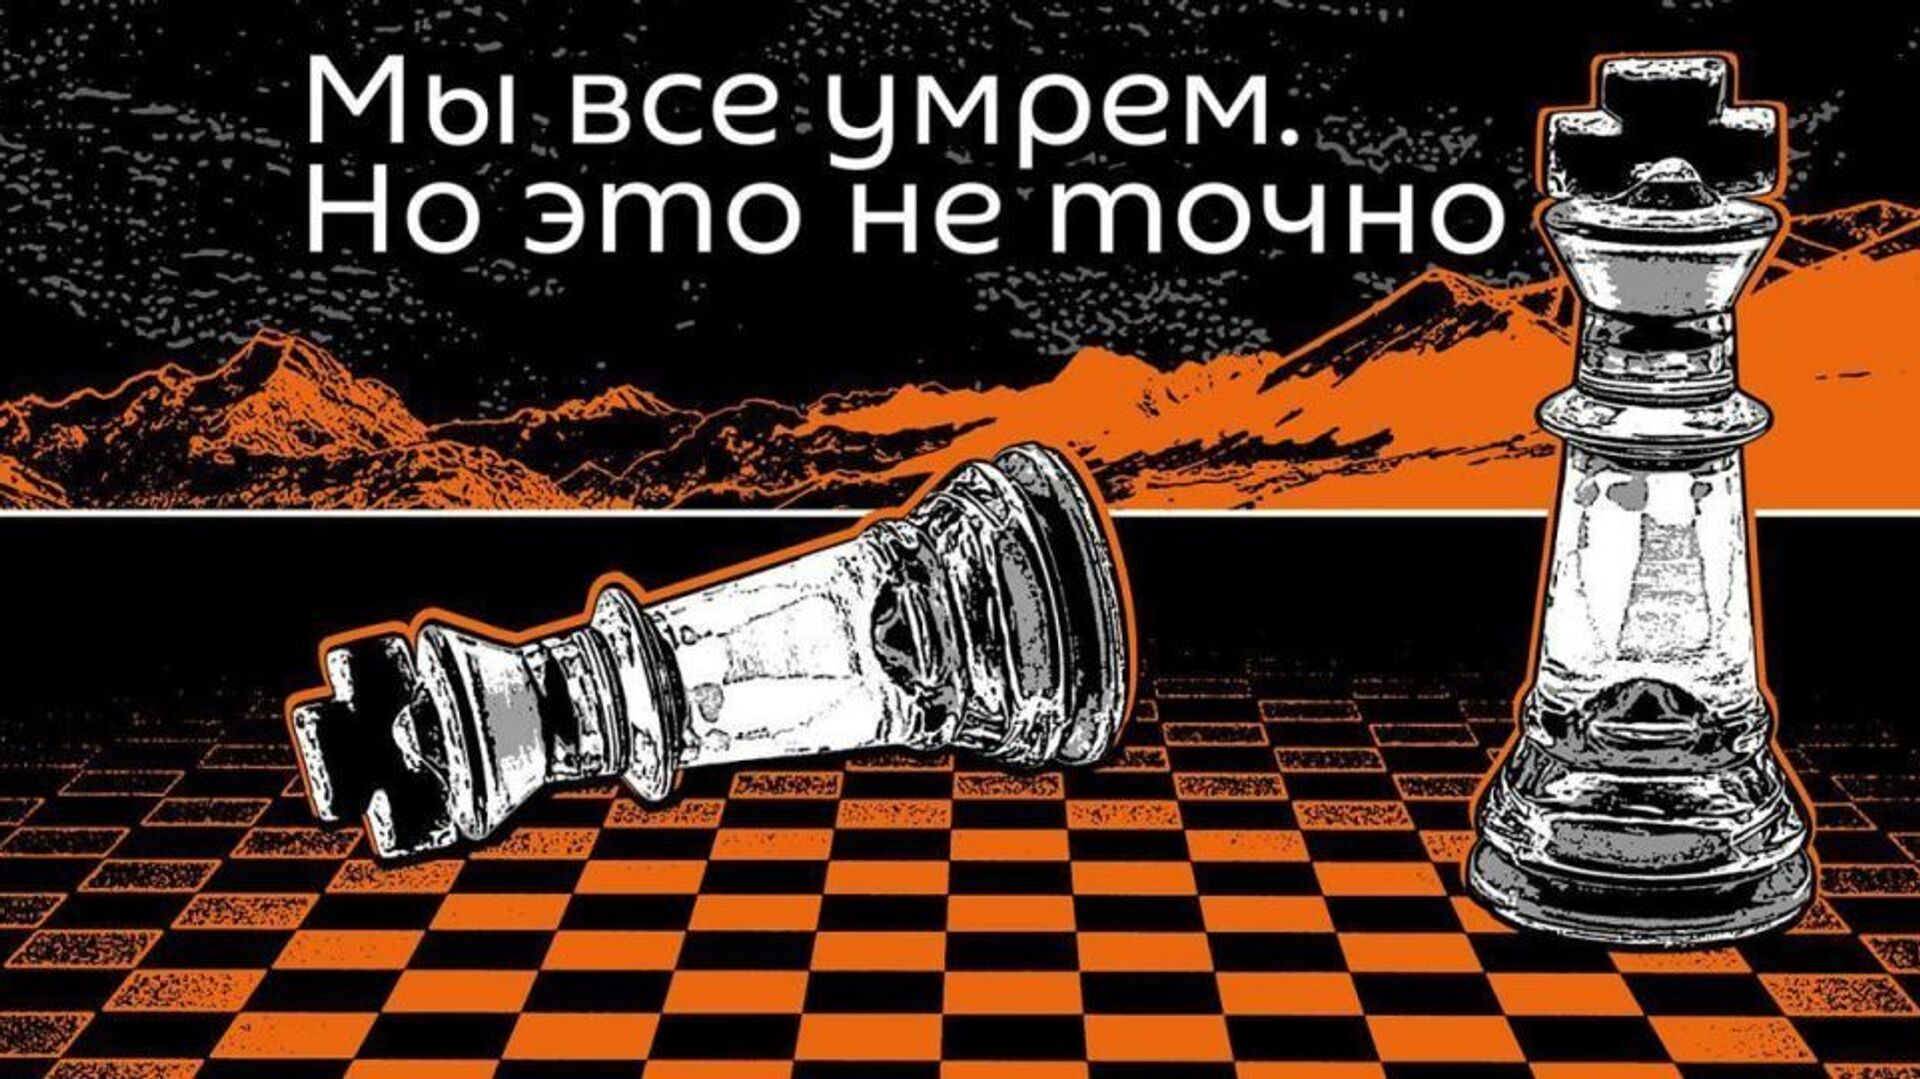 Мы все умрем - Sputnik Абхазия, 1920, 12.09.2021